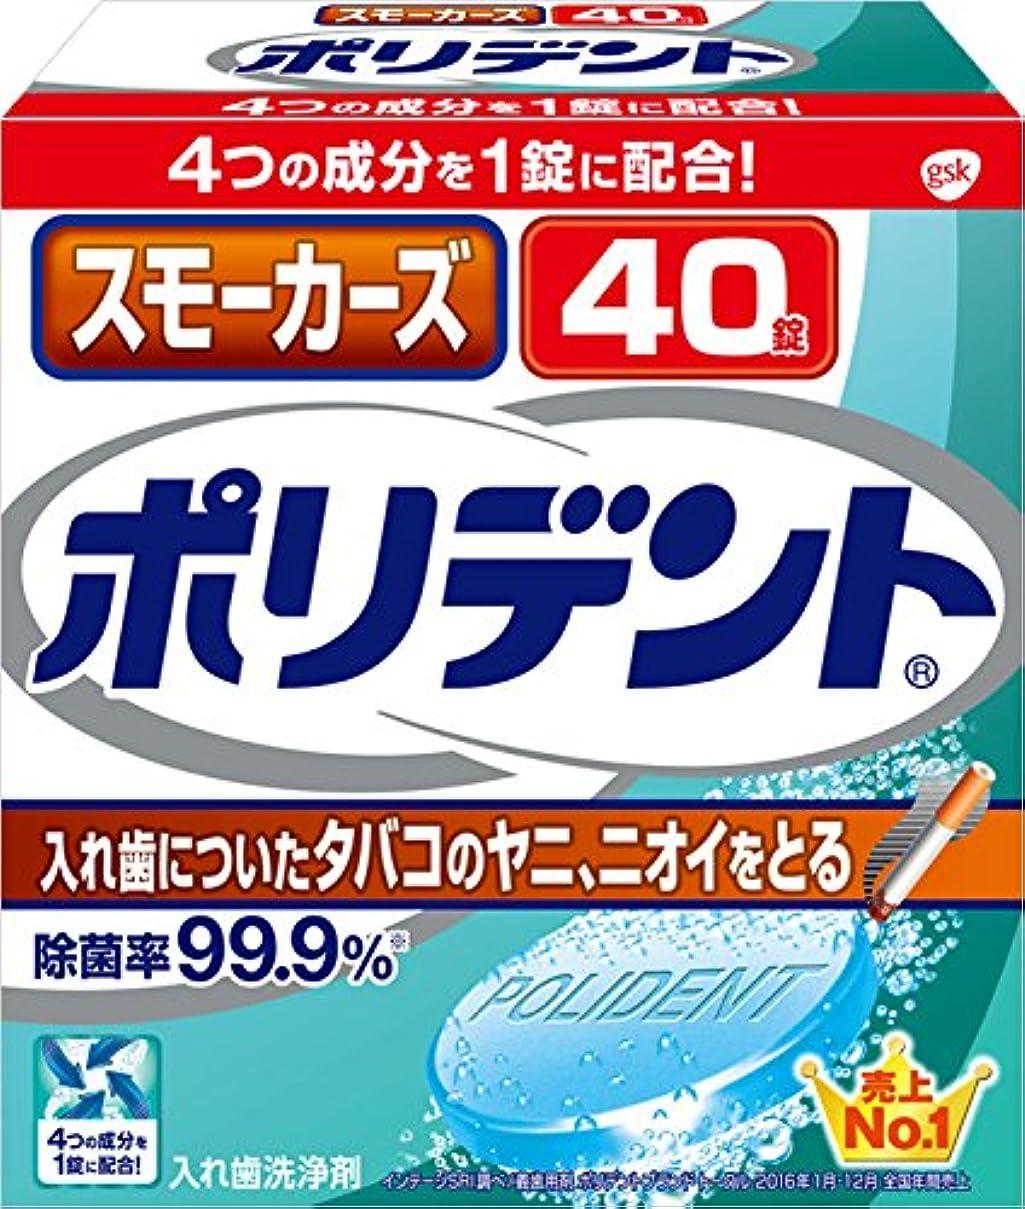 貫通する回転させるスロー入れ歯洗浄剤 スモーカーズ ポリデント 40錠